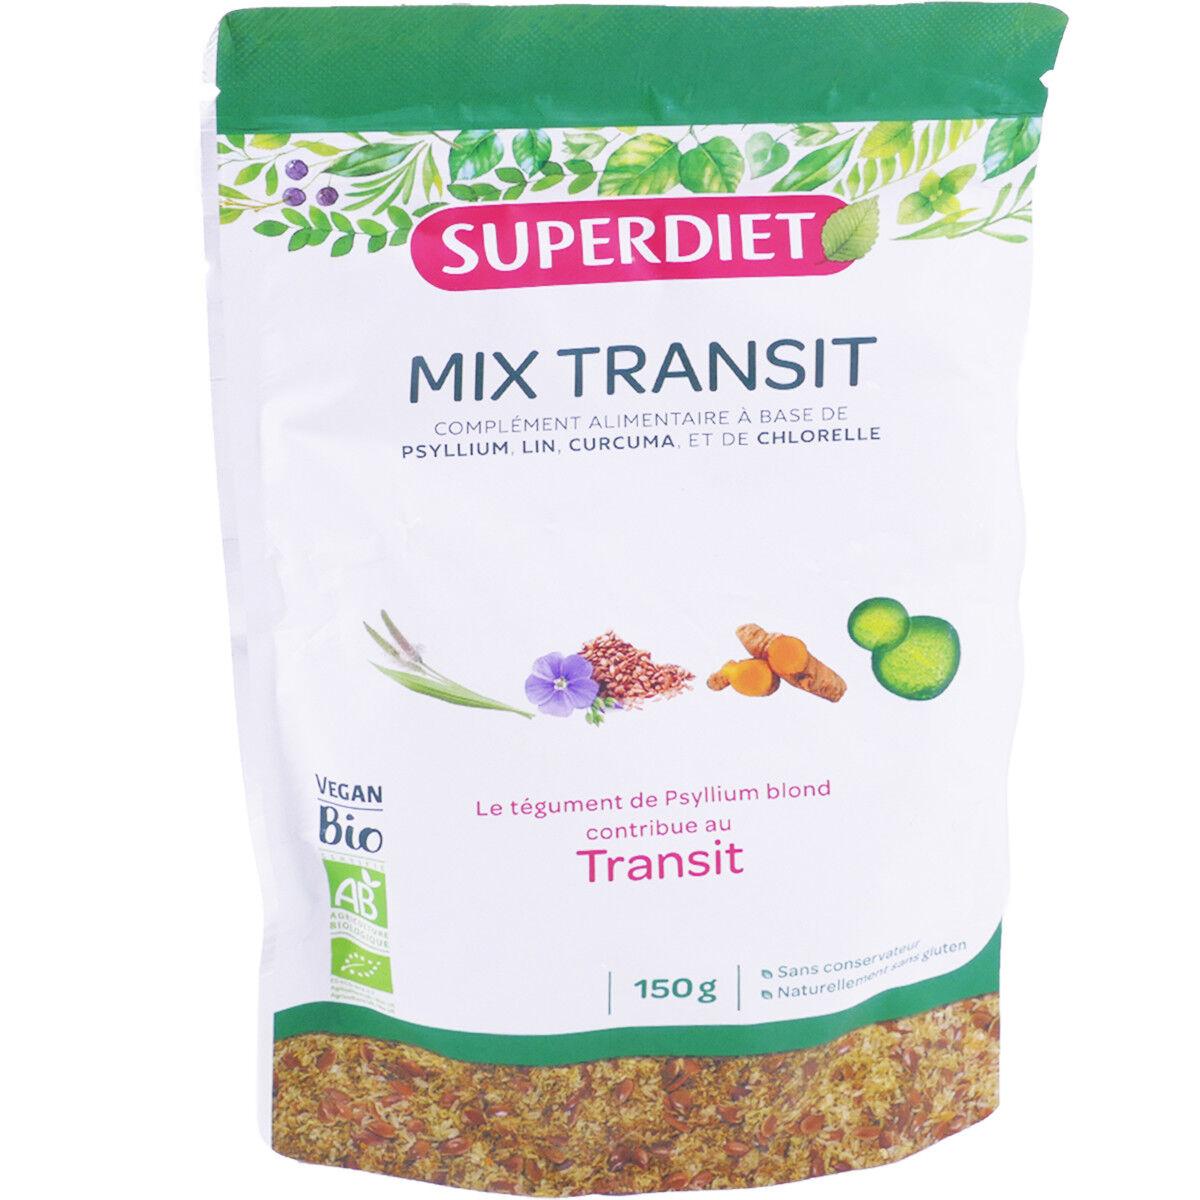 SUPER DIET Superdiet mix transit 150g bio